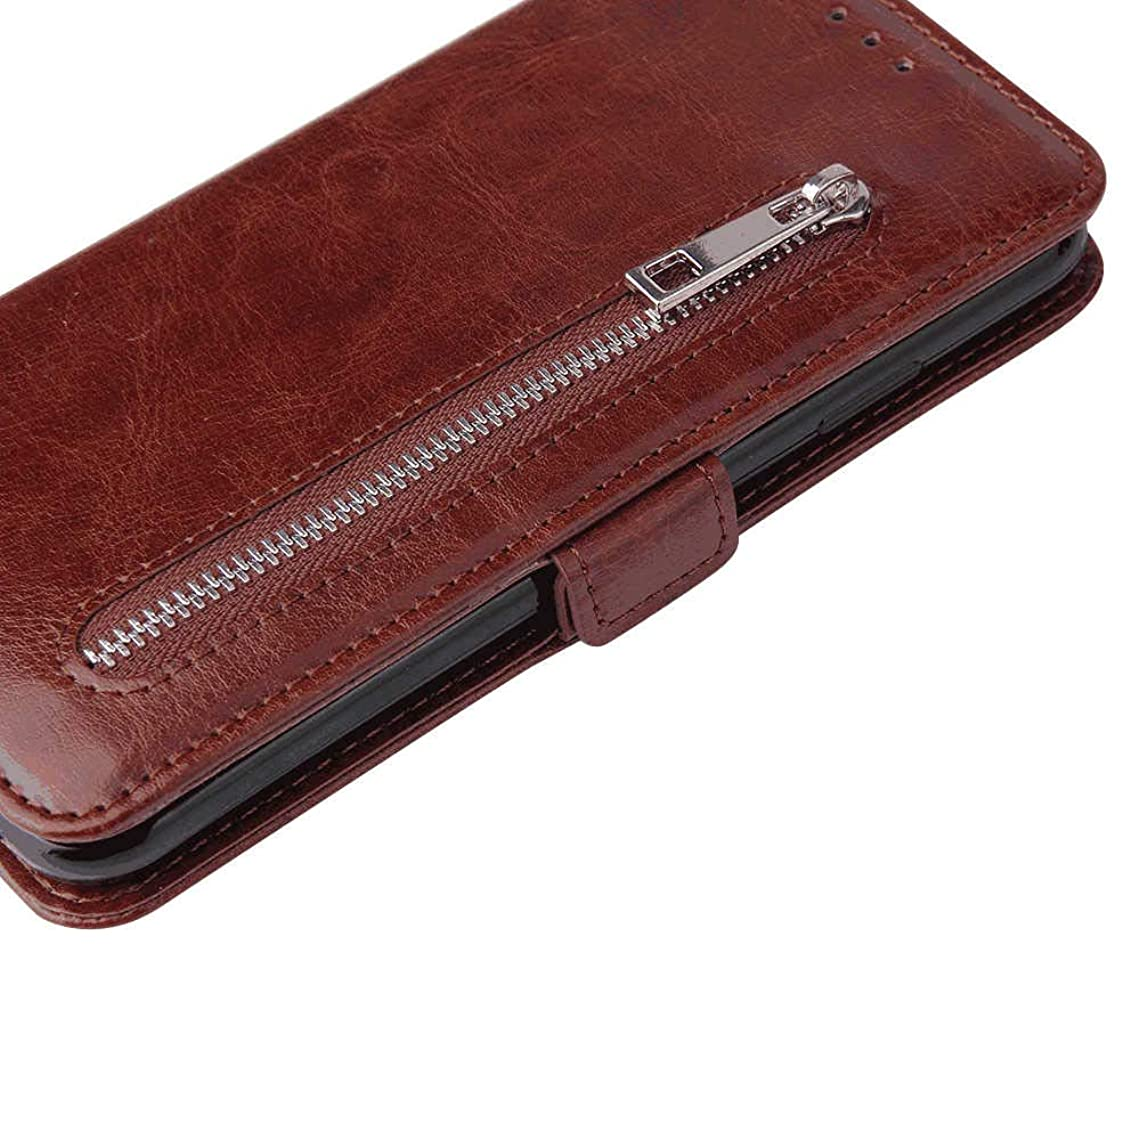 崖男らしいずるいiPhone X PUレザー ケース, 手帳型 ケース 本革 財布 耐摩擦 ビジネス カバー収納 スマートフォンカバー 手帳型ケース iPhone アイフォン X レザーケース